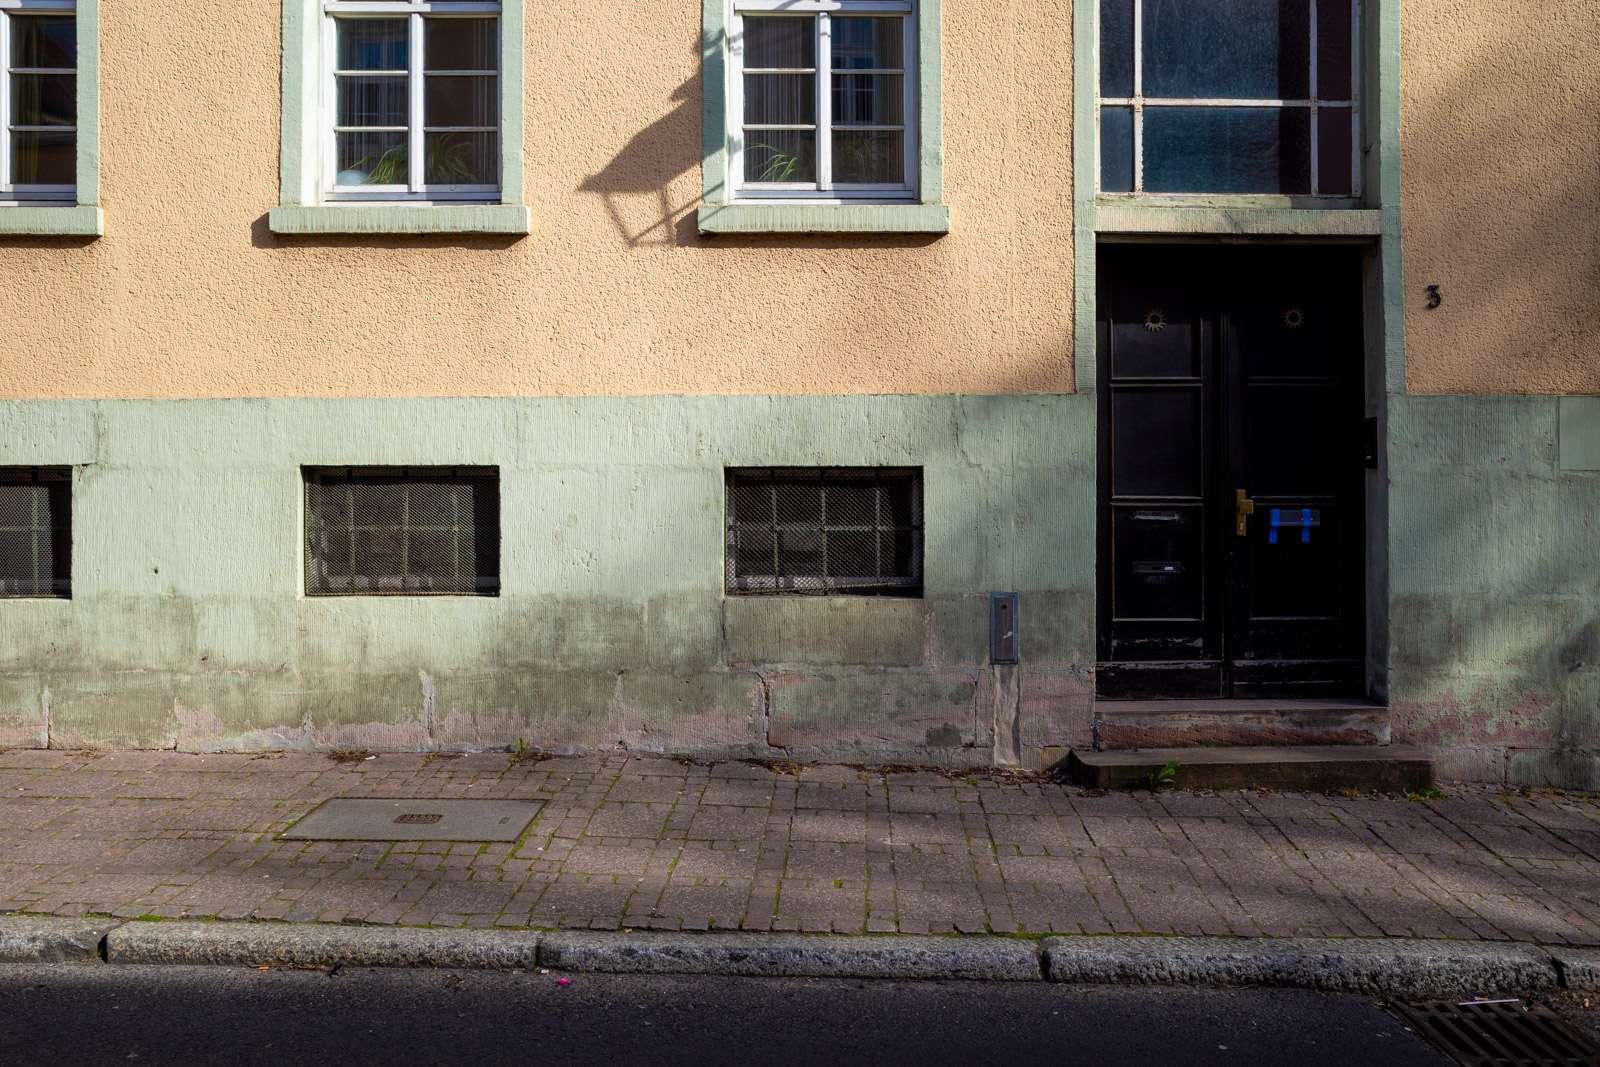 Laufmomente no3 028